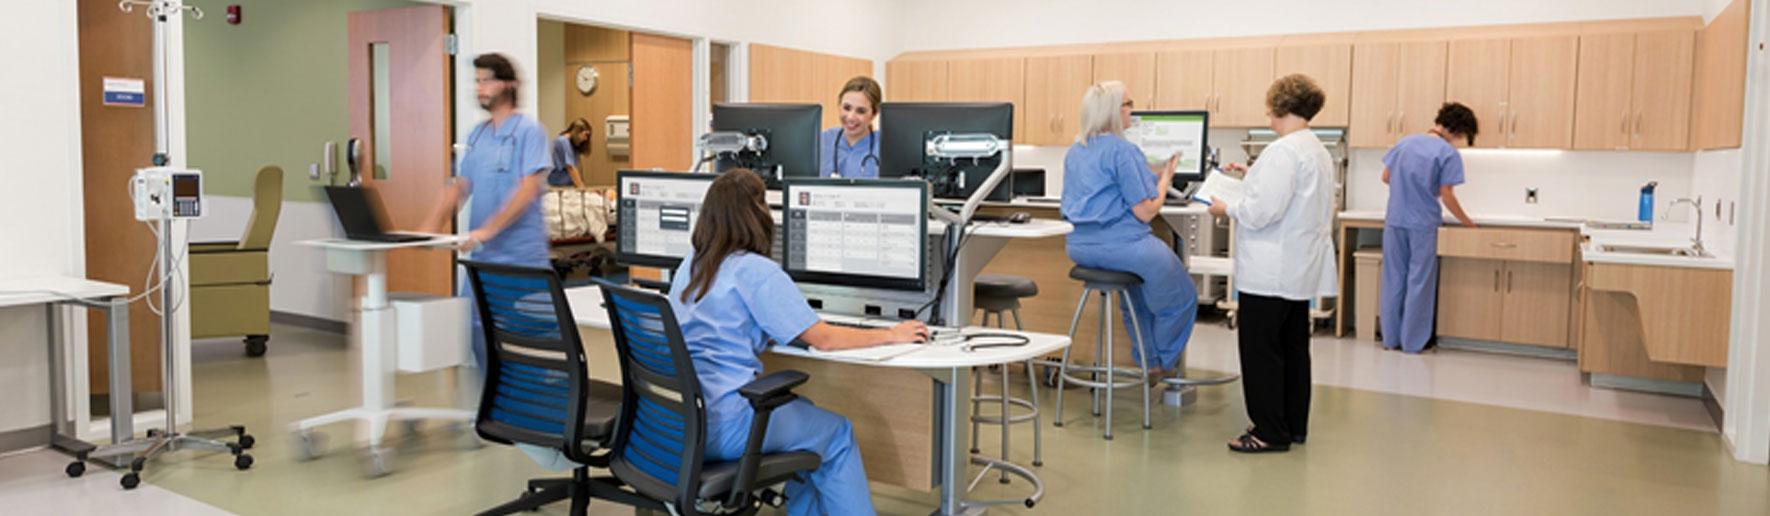 clinician hub by Steelcase